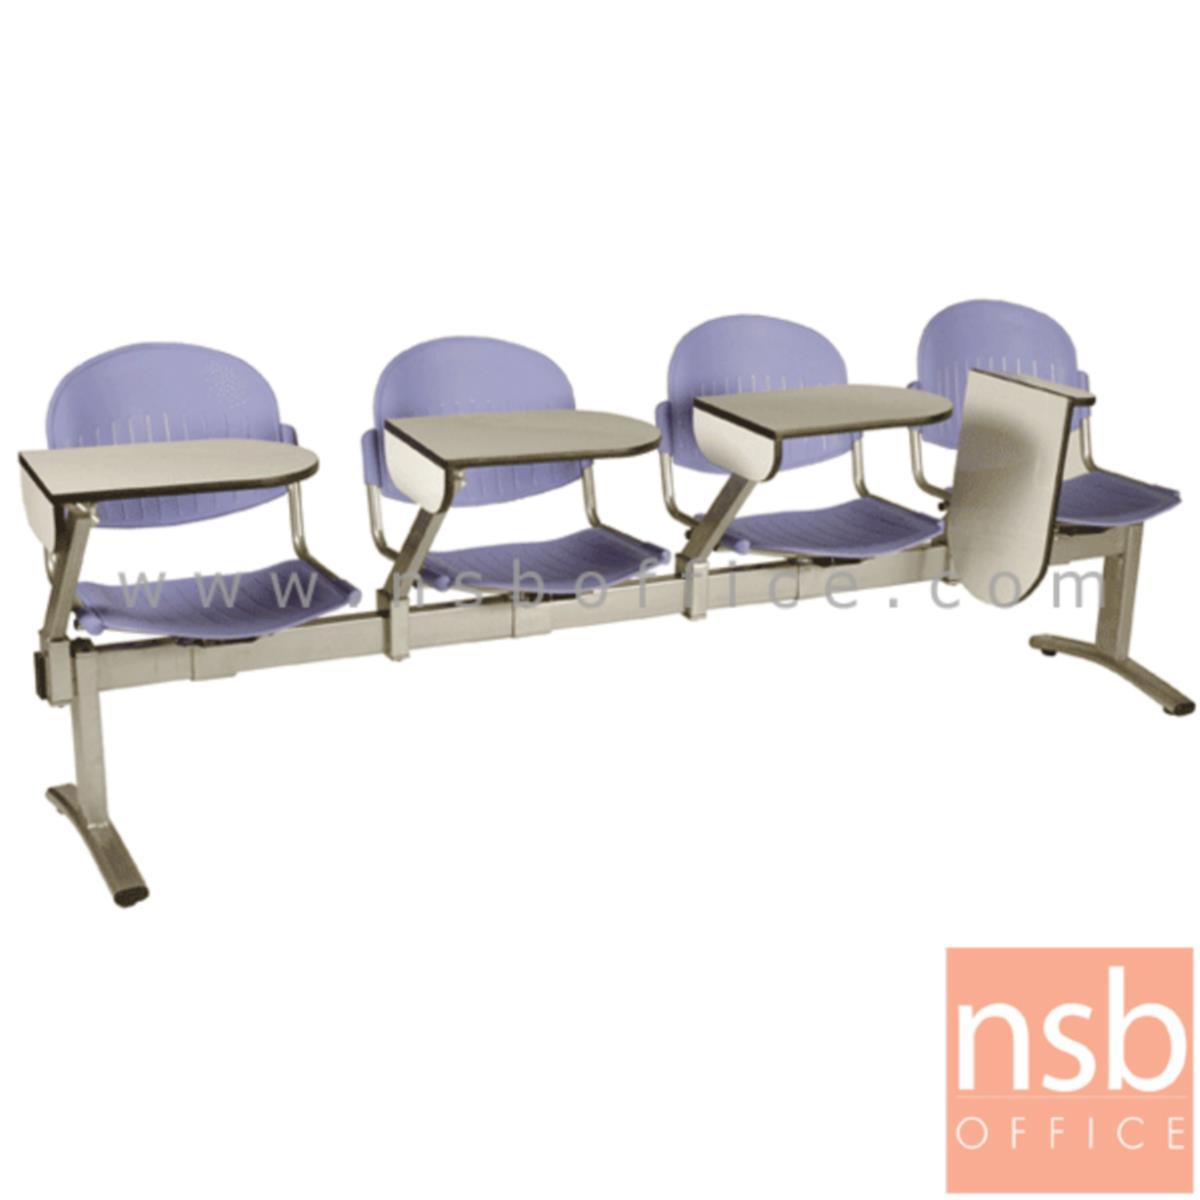 เก้าอี้เลคเชอร์แถวเฟรมโพลี่ รุ่น D066 2 ,3 และ 4 ที่นั่ง ขาเหล็กพ่นสีเทา